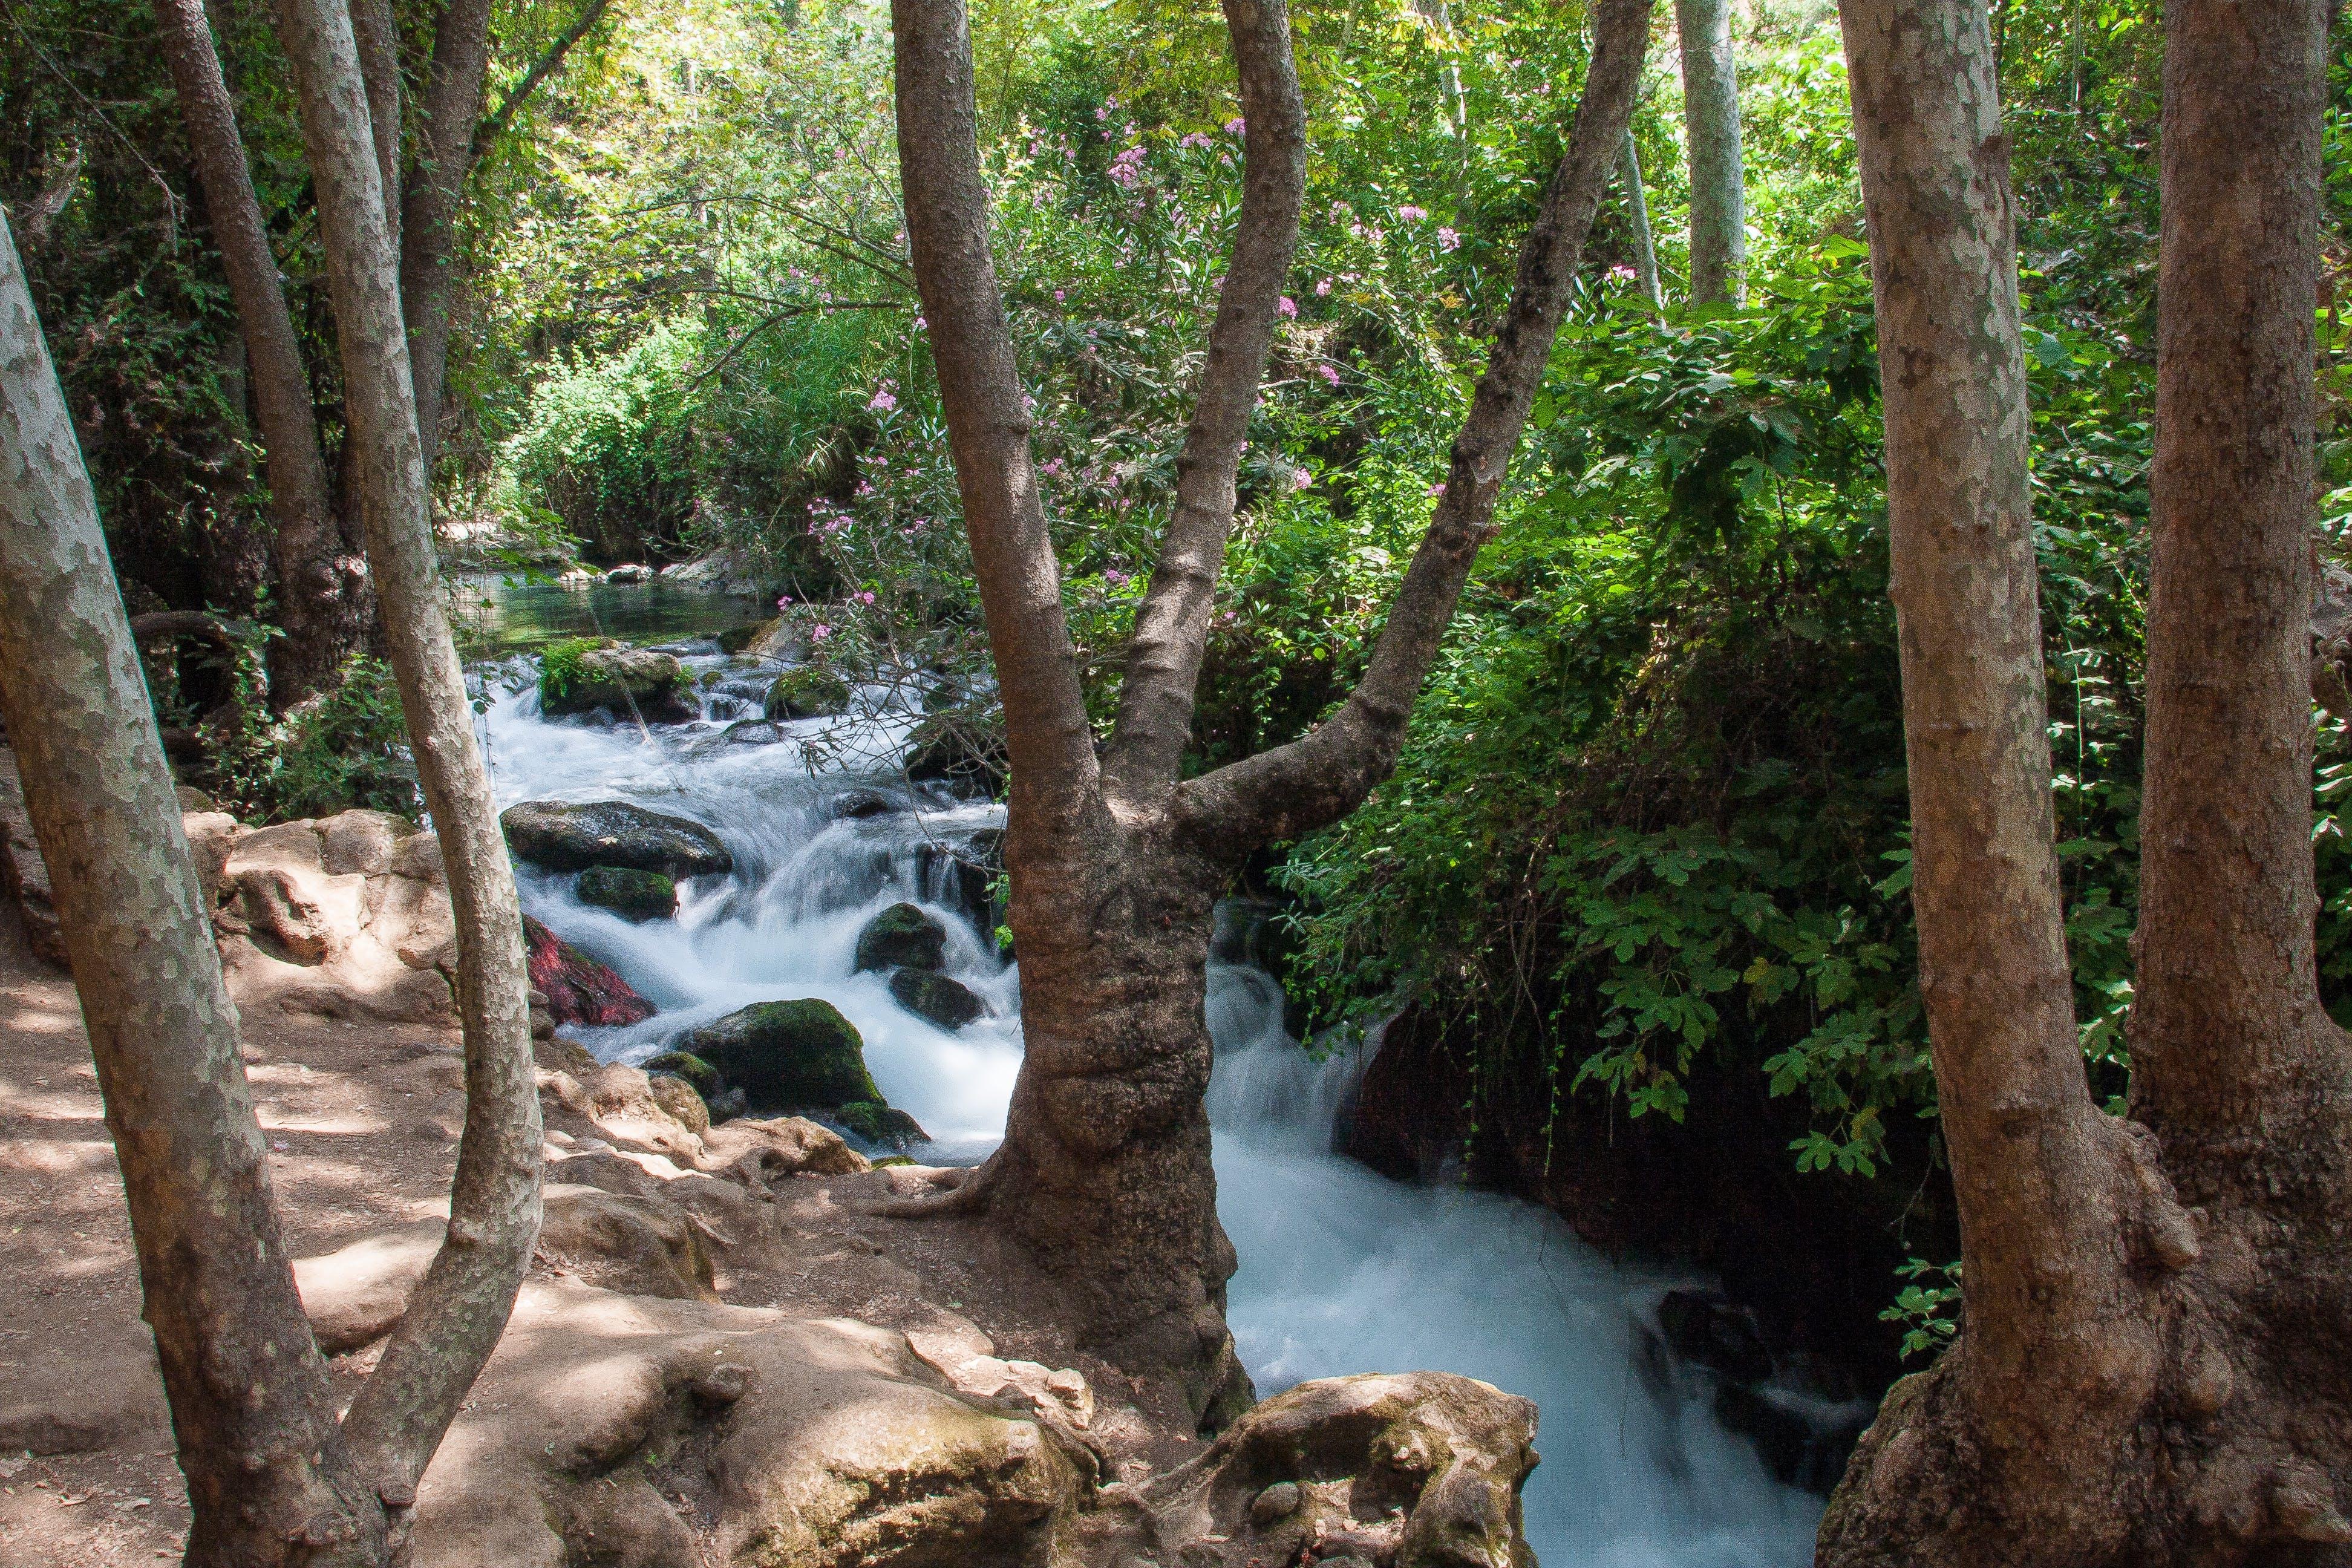 Δωρεάν στοκ φωτογραφιών με νερό, ρεύμα, φύση